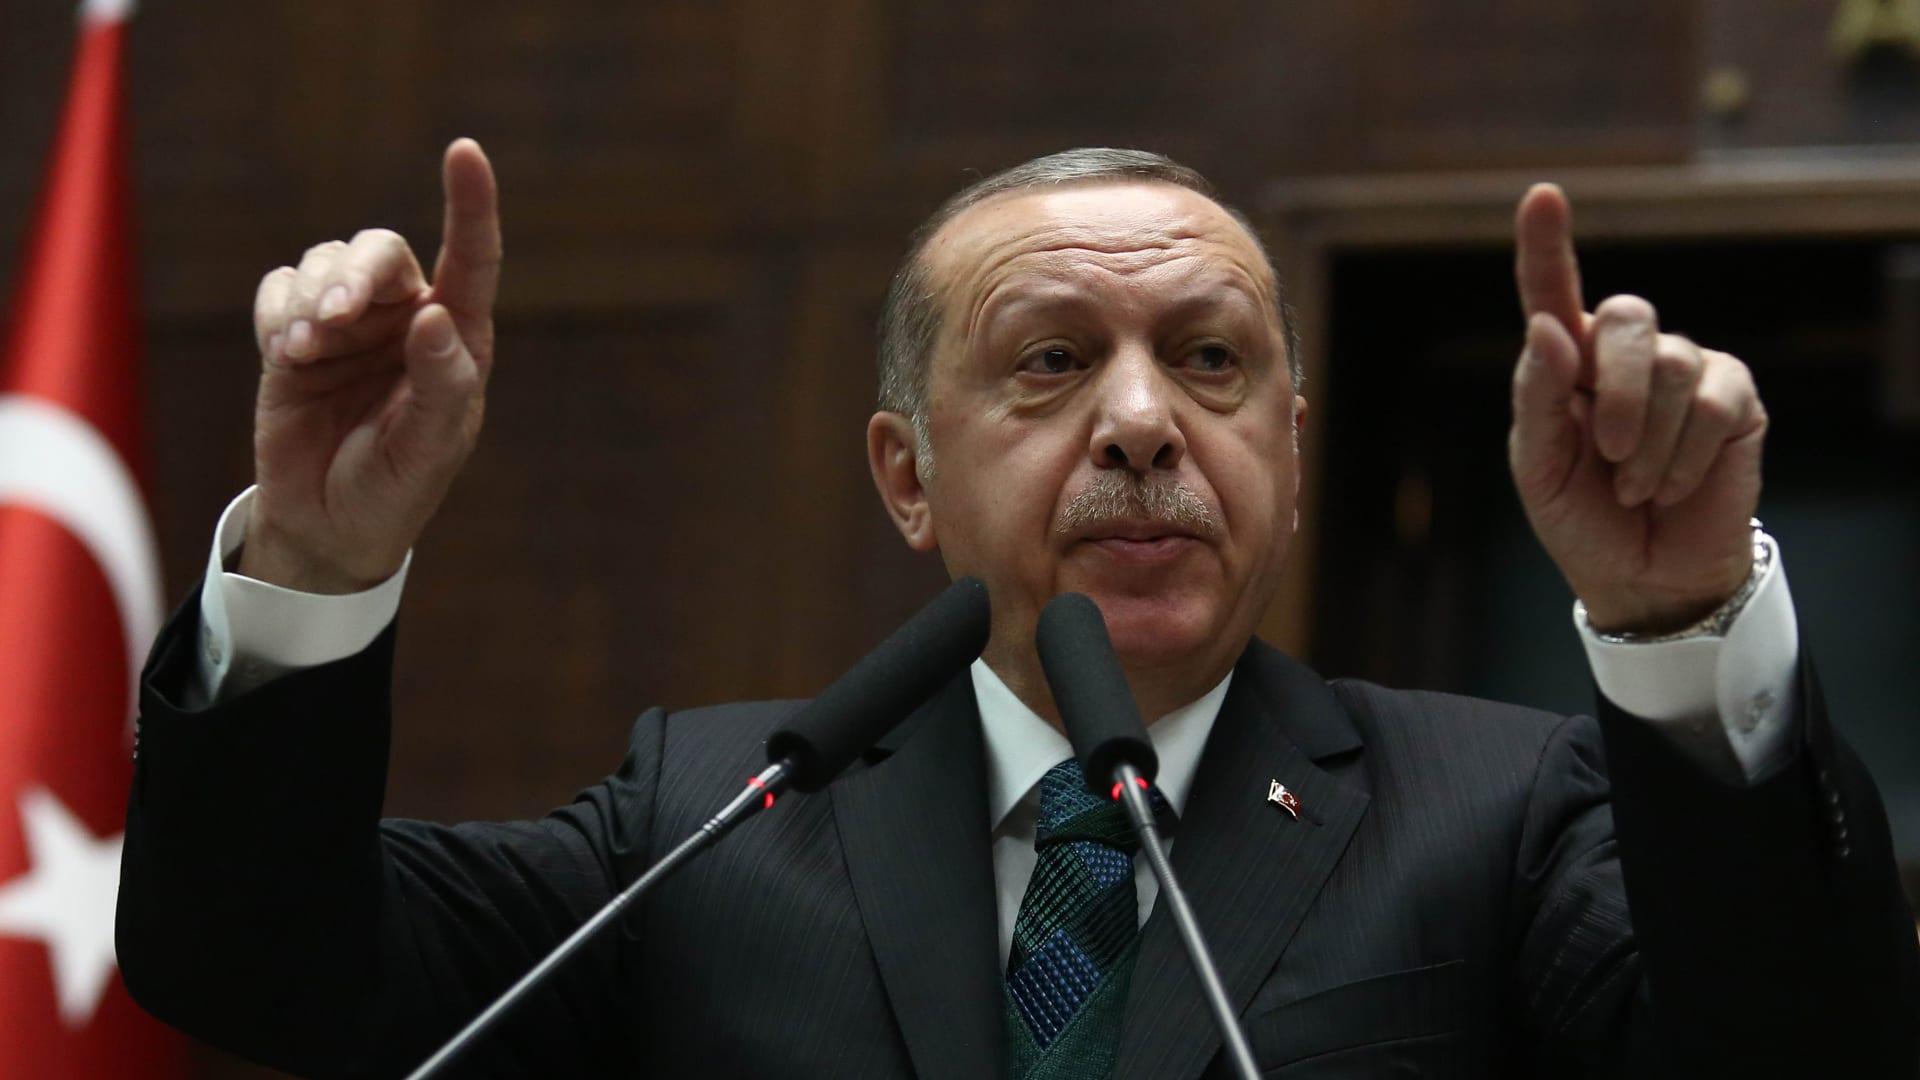 بعد فوزه بالانتخابات.. كيف سيرسم أردوغان مستقبل تركيا؟